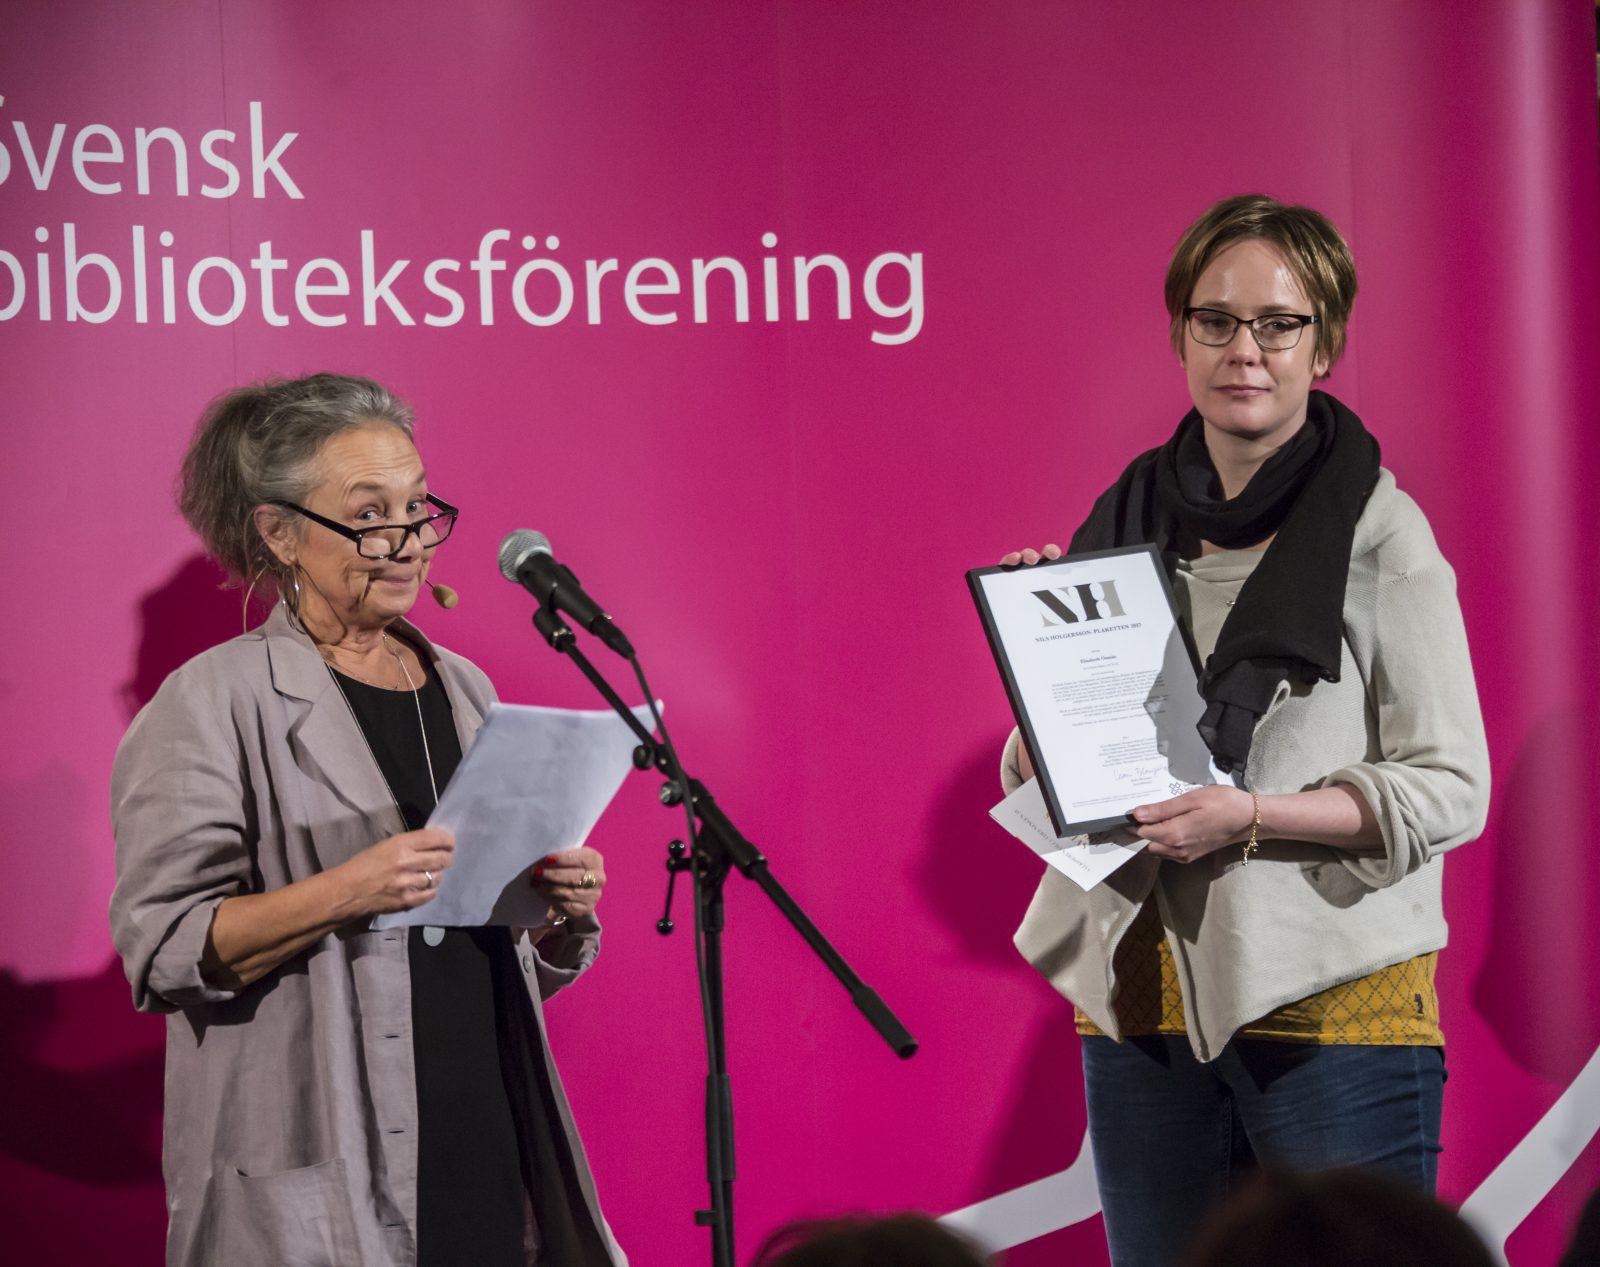 Två kvinnor på scen, en läser från ett papper och den andra håller ett diplom.